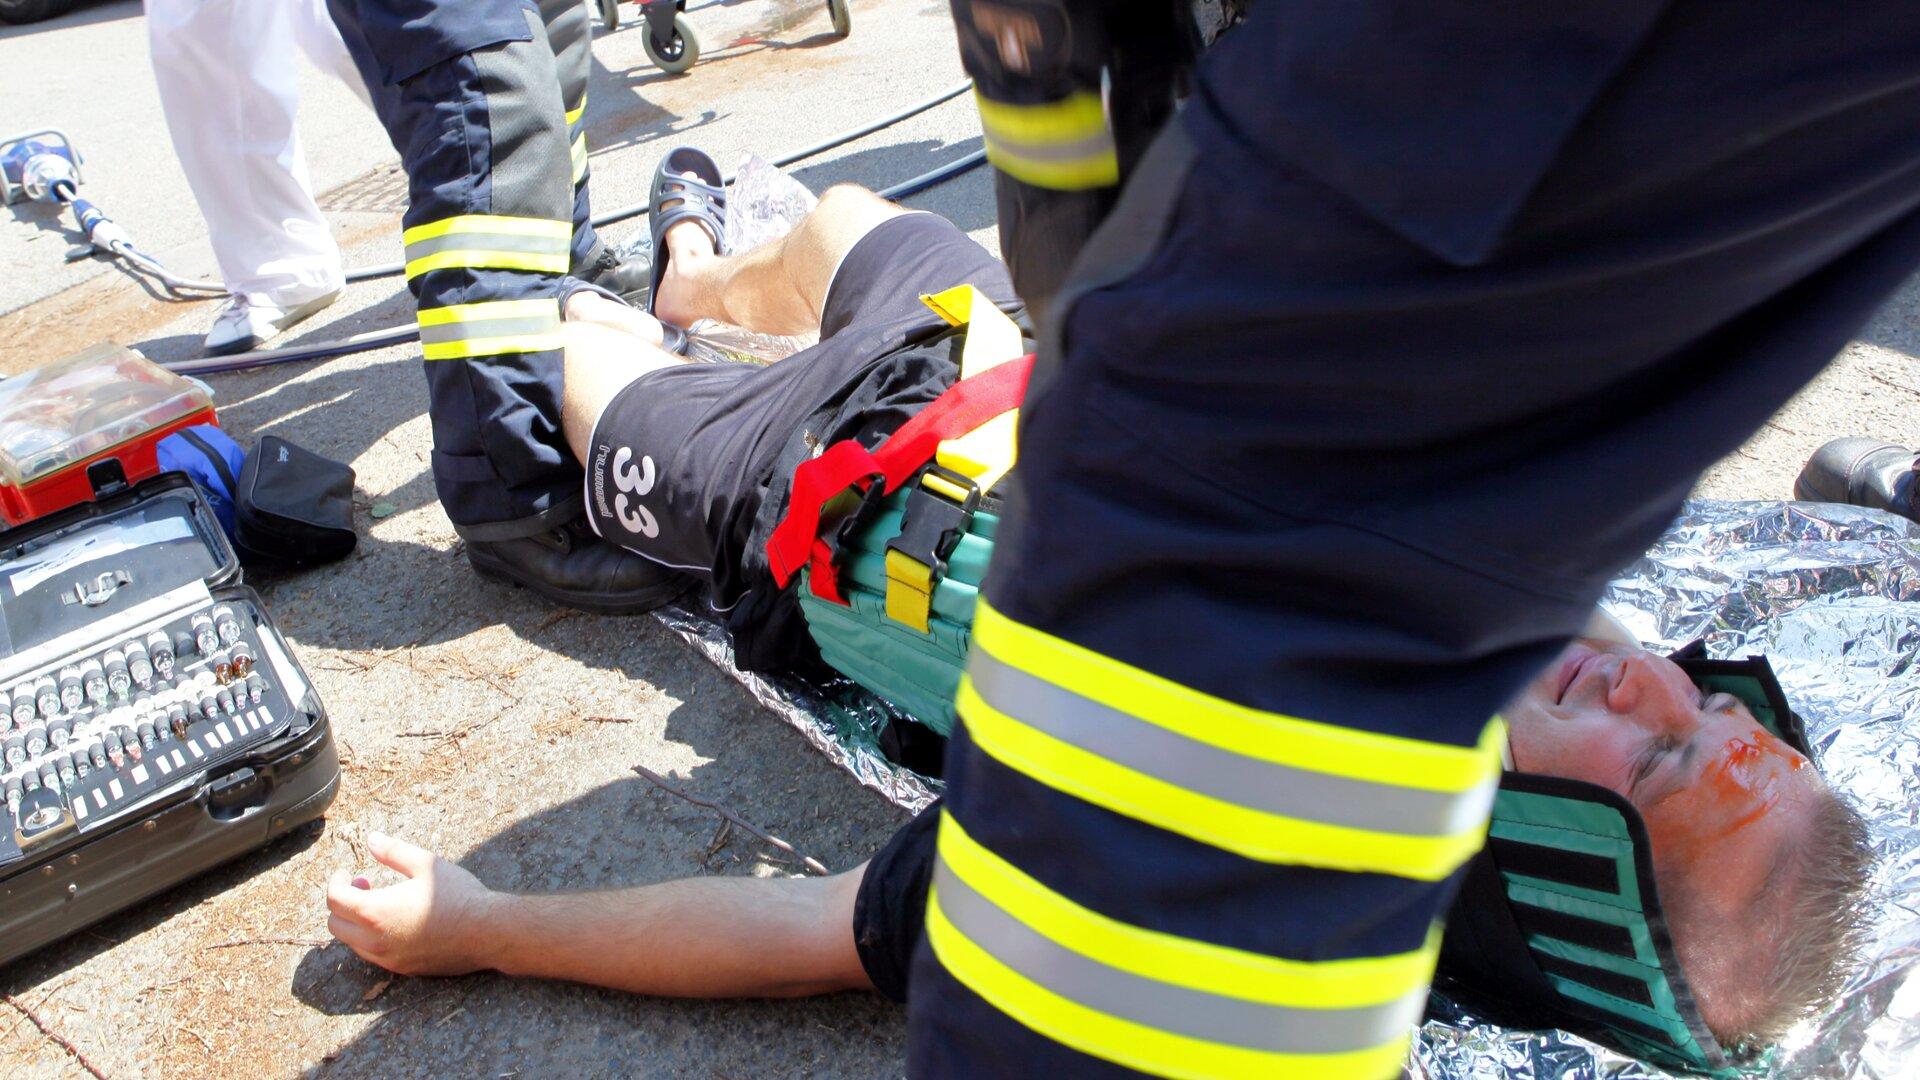 Ilustracja przedstawia akcję ratowniczą. Mężczyzna leży na folii iprawdopodobnie jest ofiarą wypadku samochodowego. Założony ma kołnierz oraz inne elementy, zabezpieczające kręgosłup. Nad nim stoi dwóch strażaków. Wtle widać, że wakcji uczestniczy więcej osób.